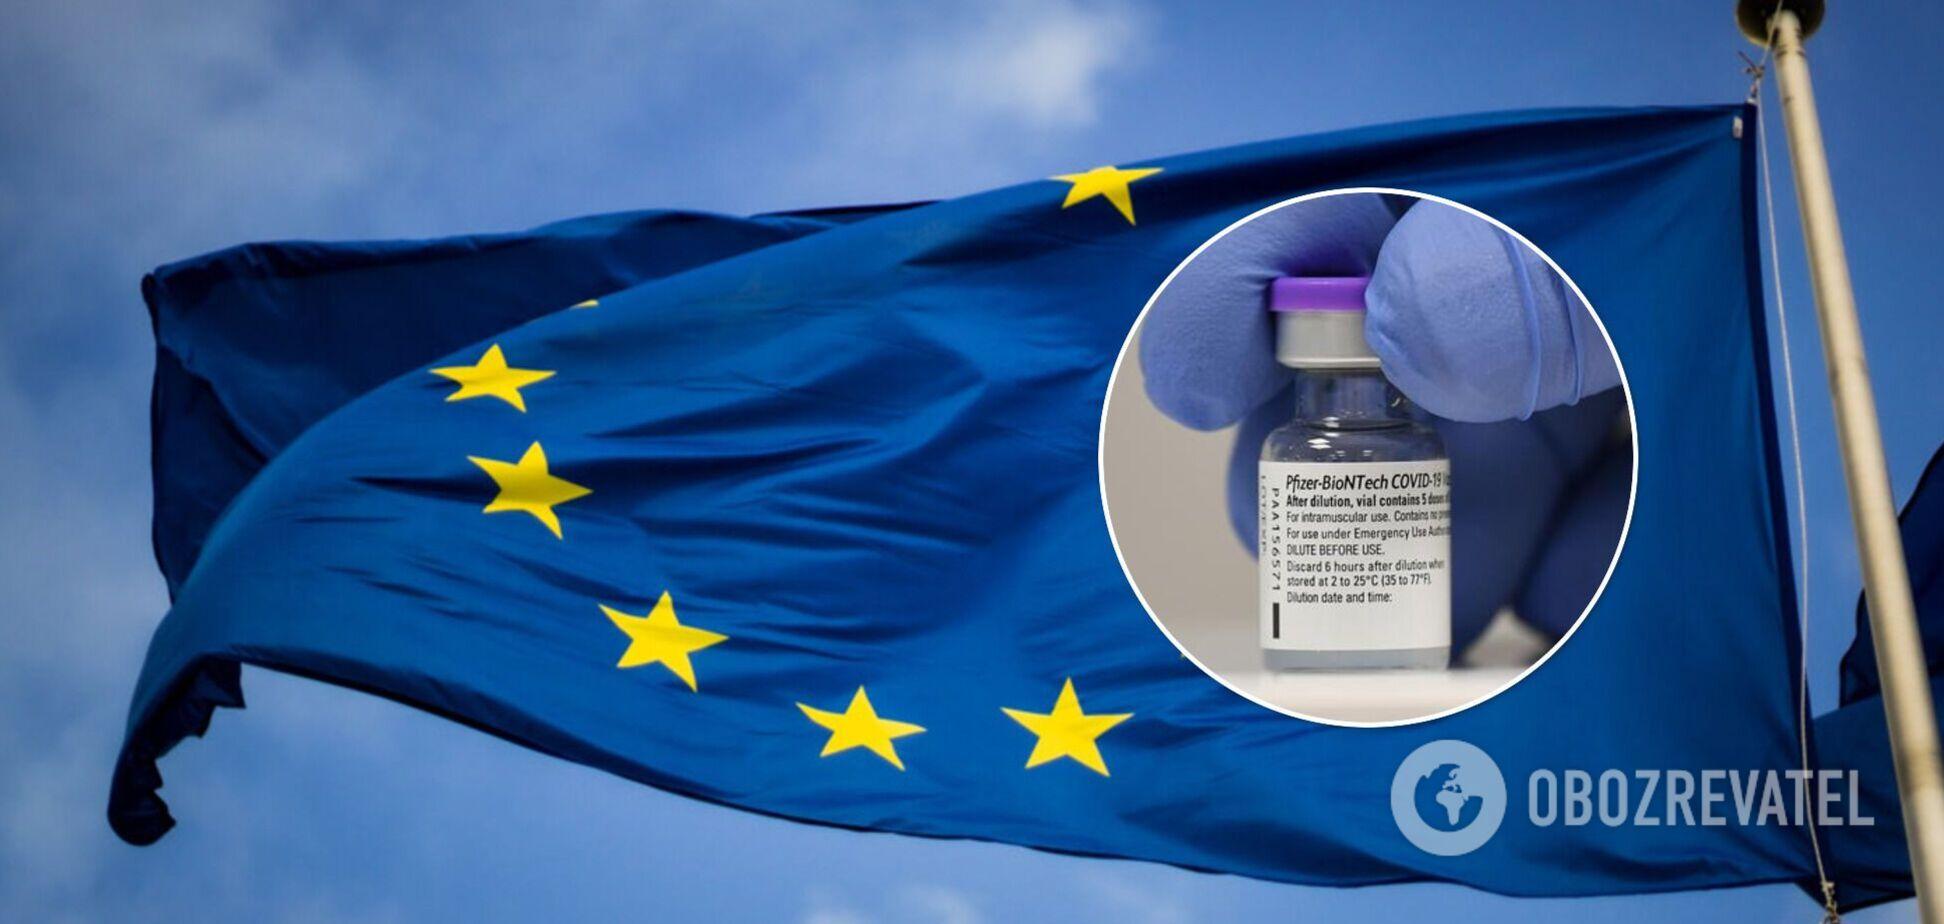 Еврокомиссия подписала контракт на поставку 1,8 млрд доз вакцины Pfizer